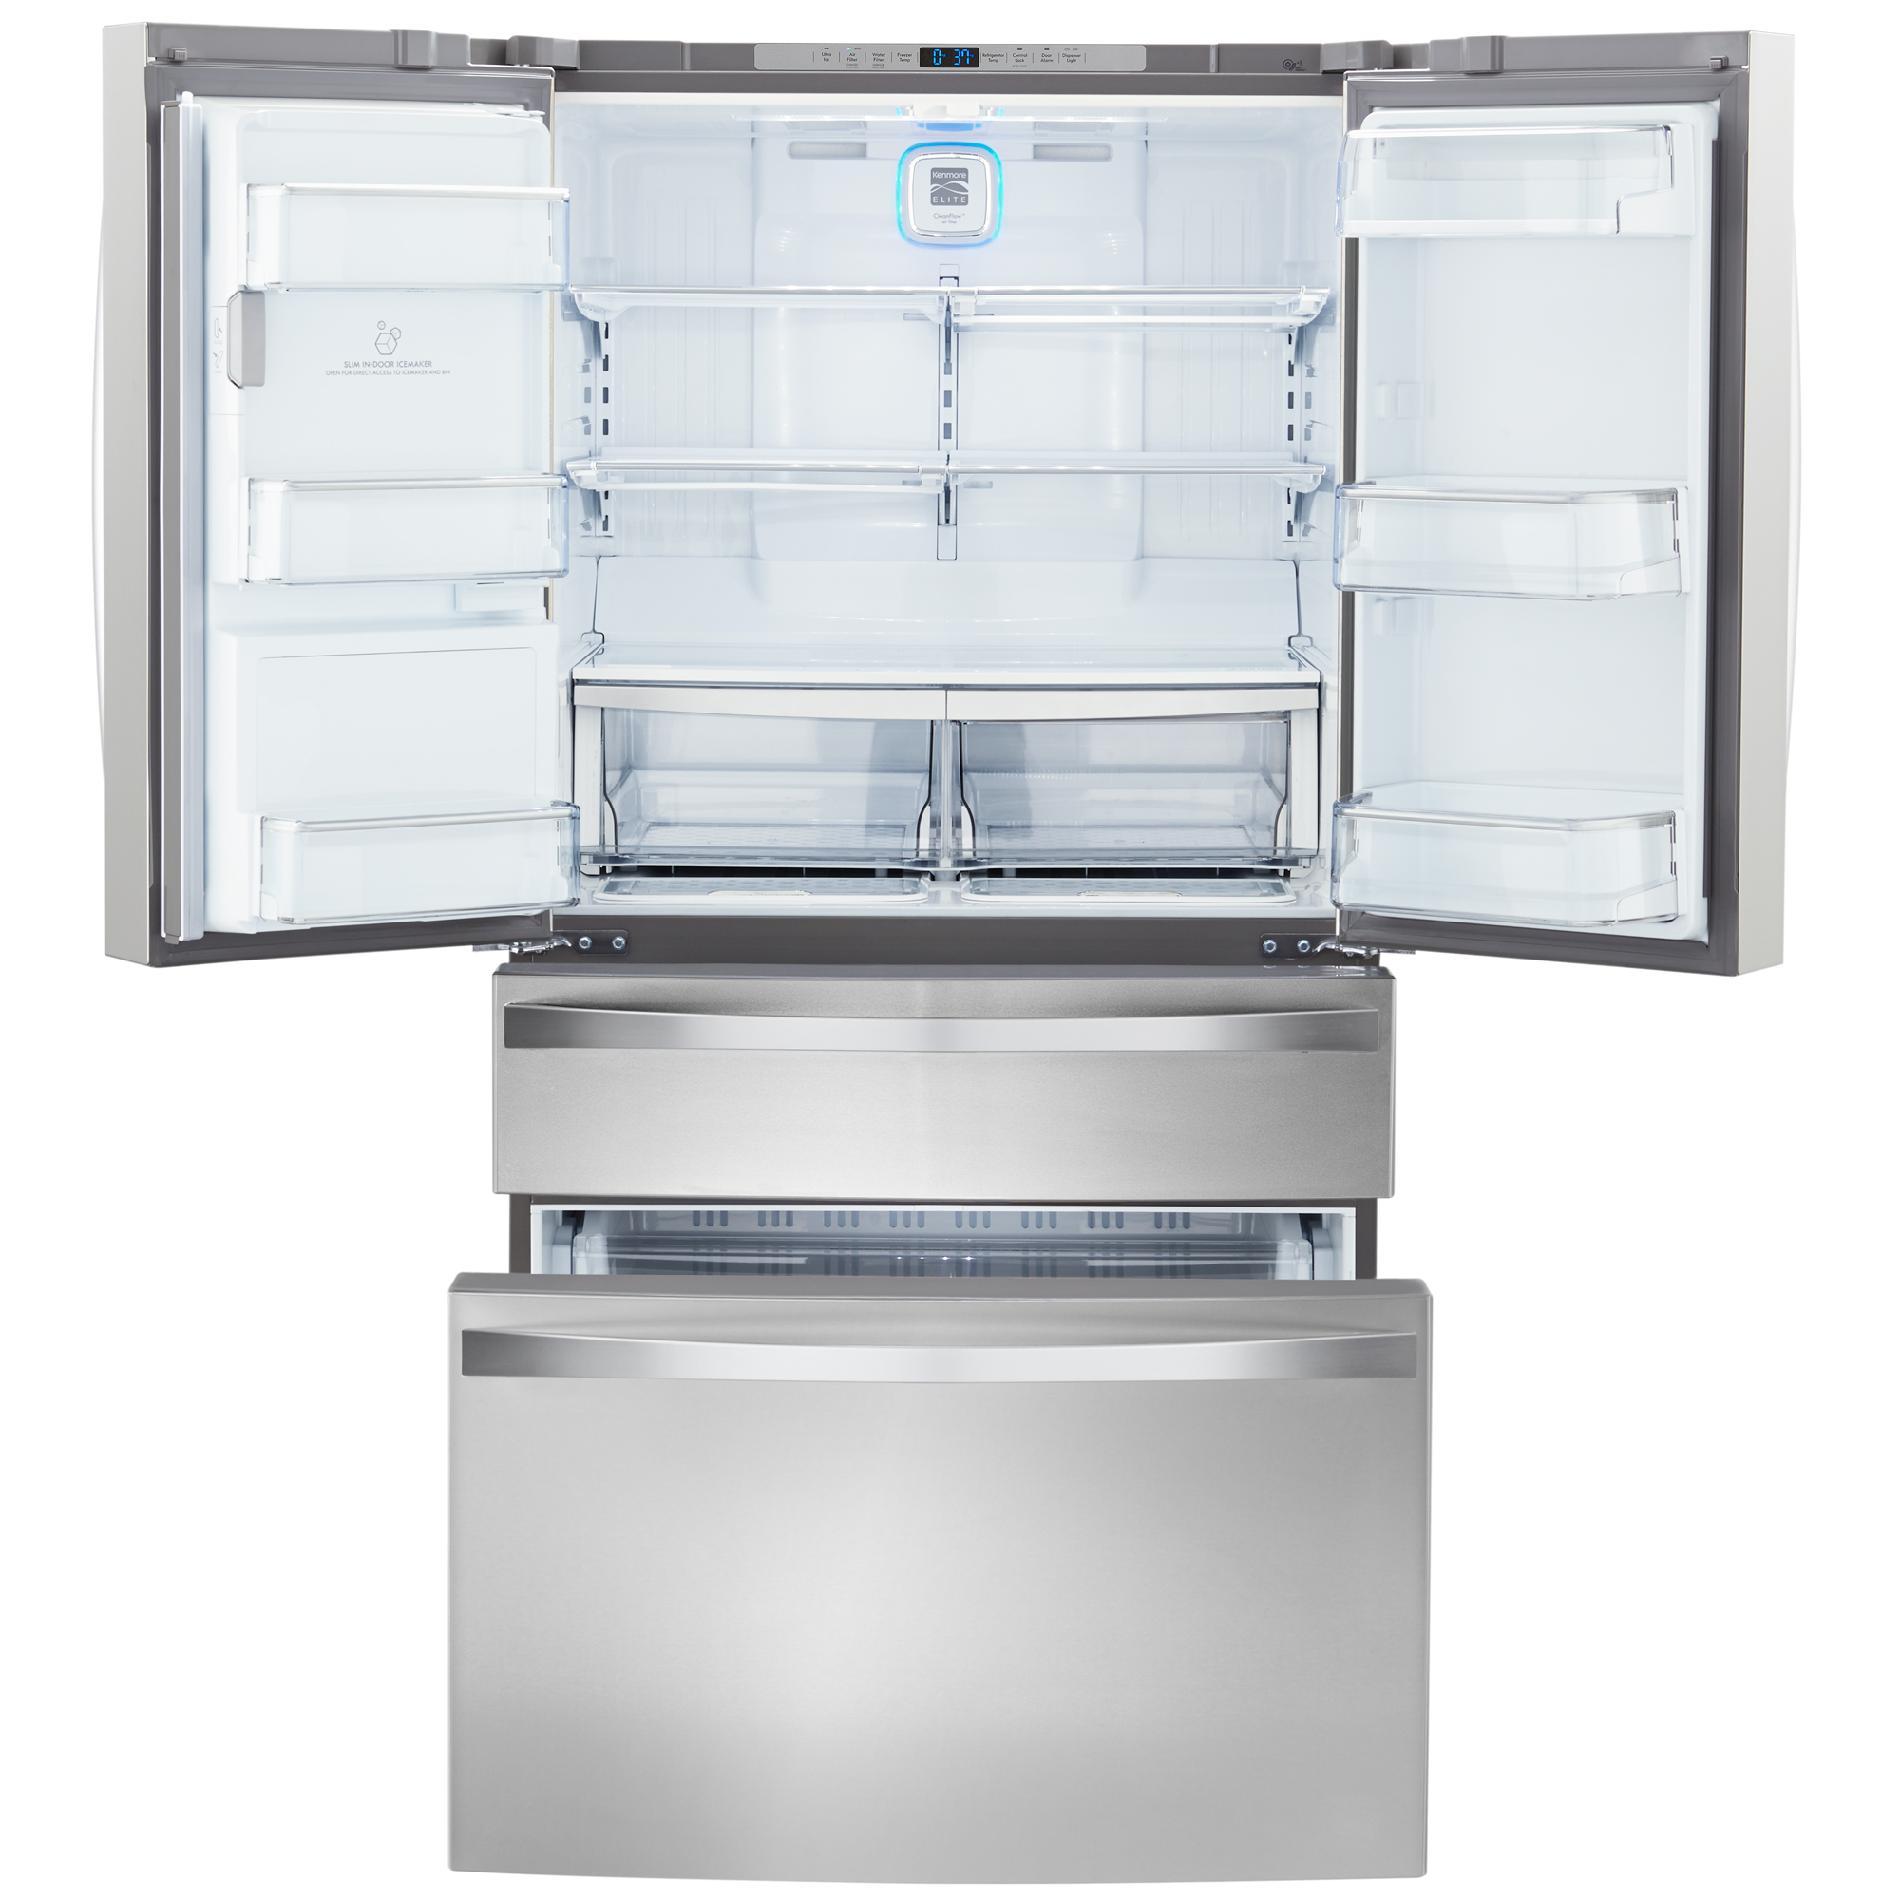 Kenmore Elite Kenmore Elite 72483 29.9 Cu. Ft. 4 Door Bottom Freezer